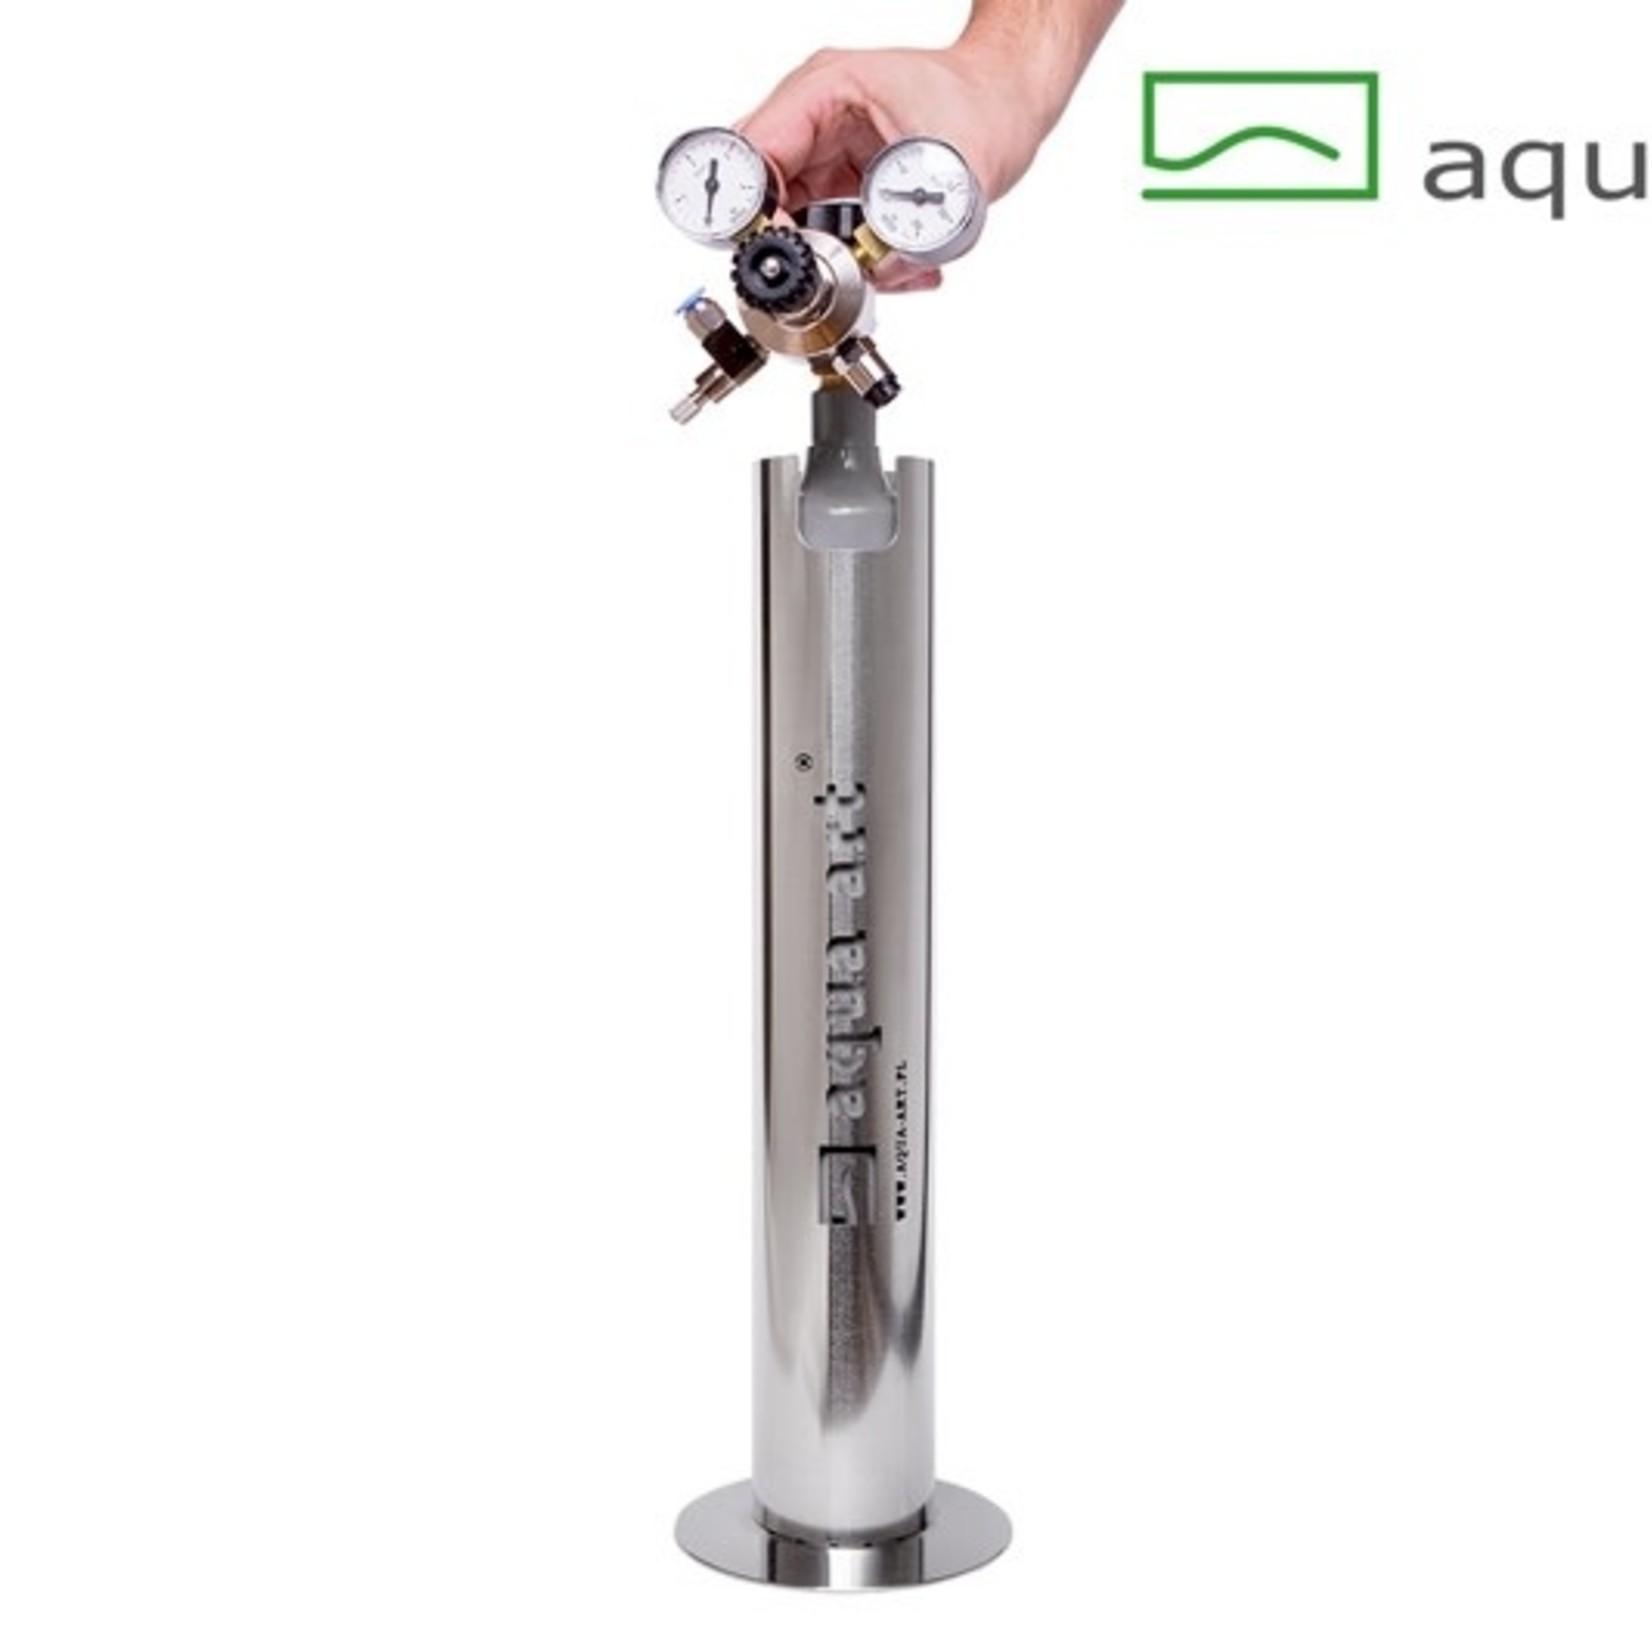 Aqua-Art Cylindre pour bonbonne CO2 500gr